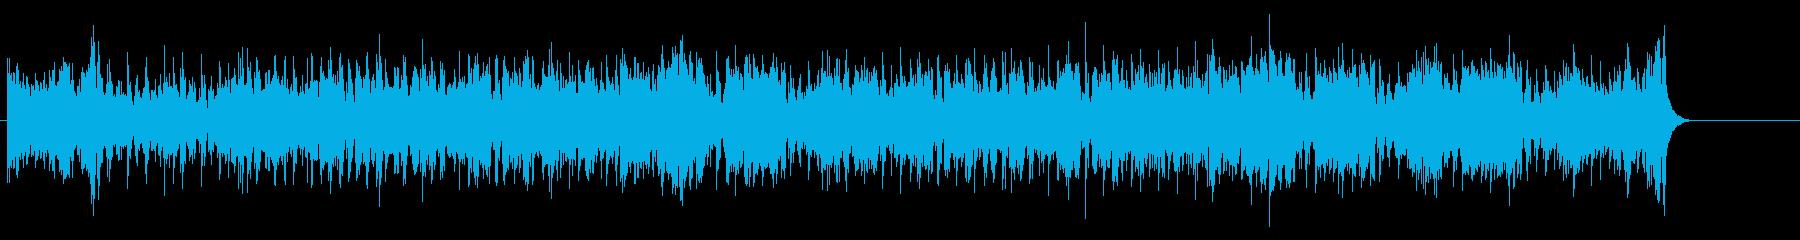 ジェントルなメロが際立つファンキーホーンの再生済みの波形